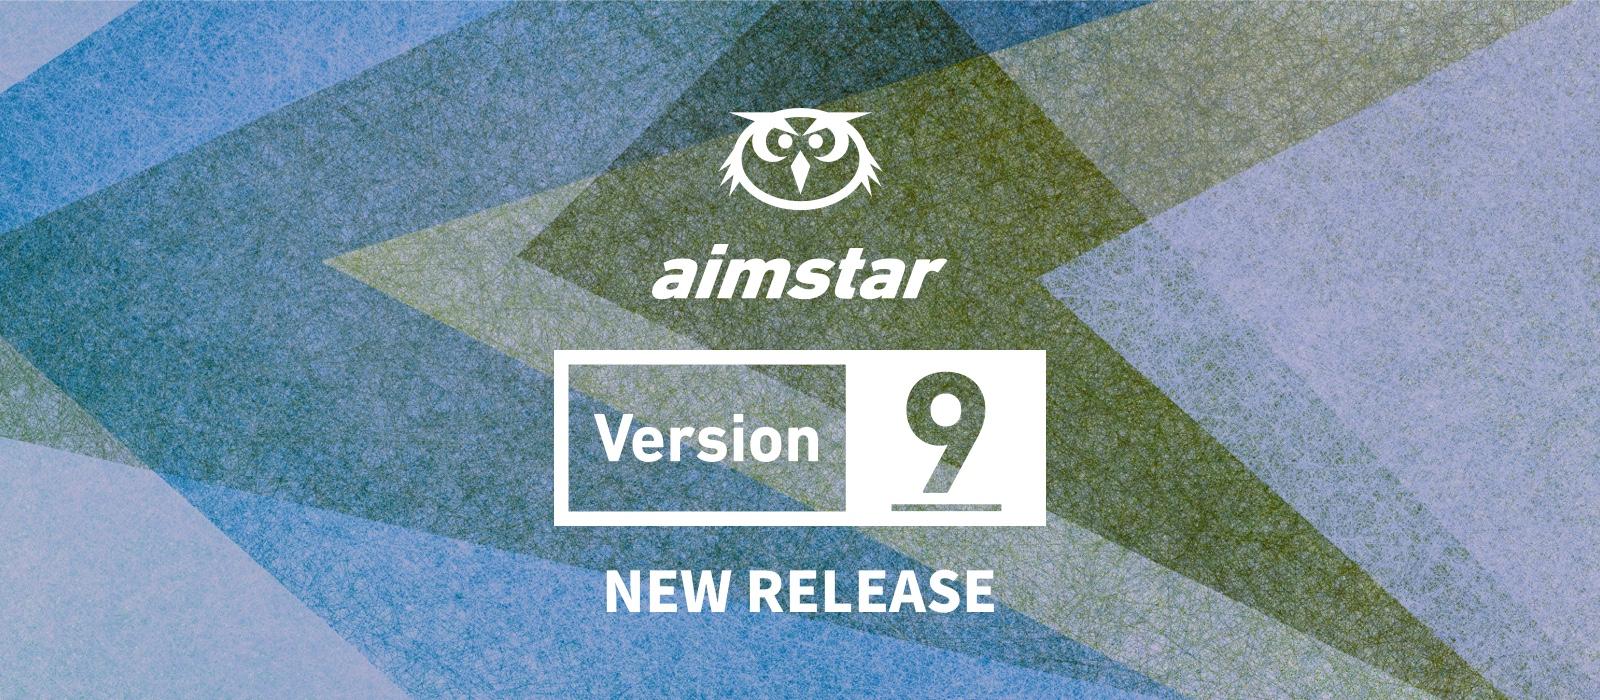 Aimstar Ver.9をリリースしました